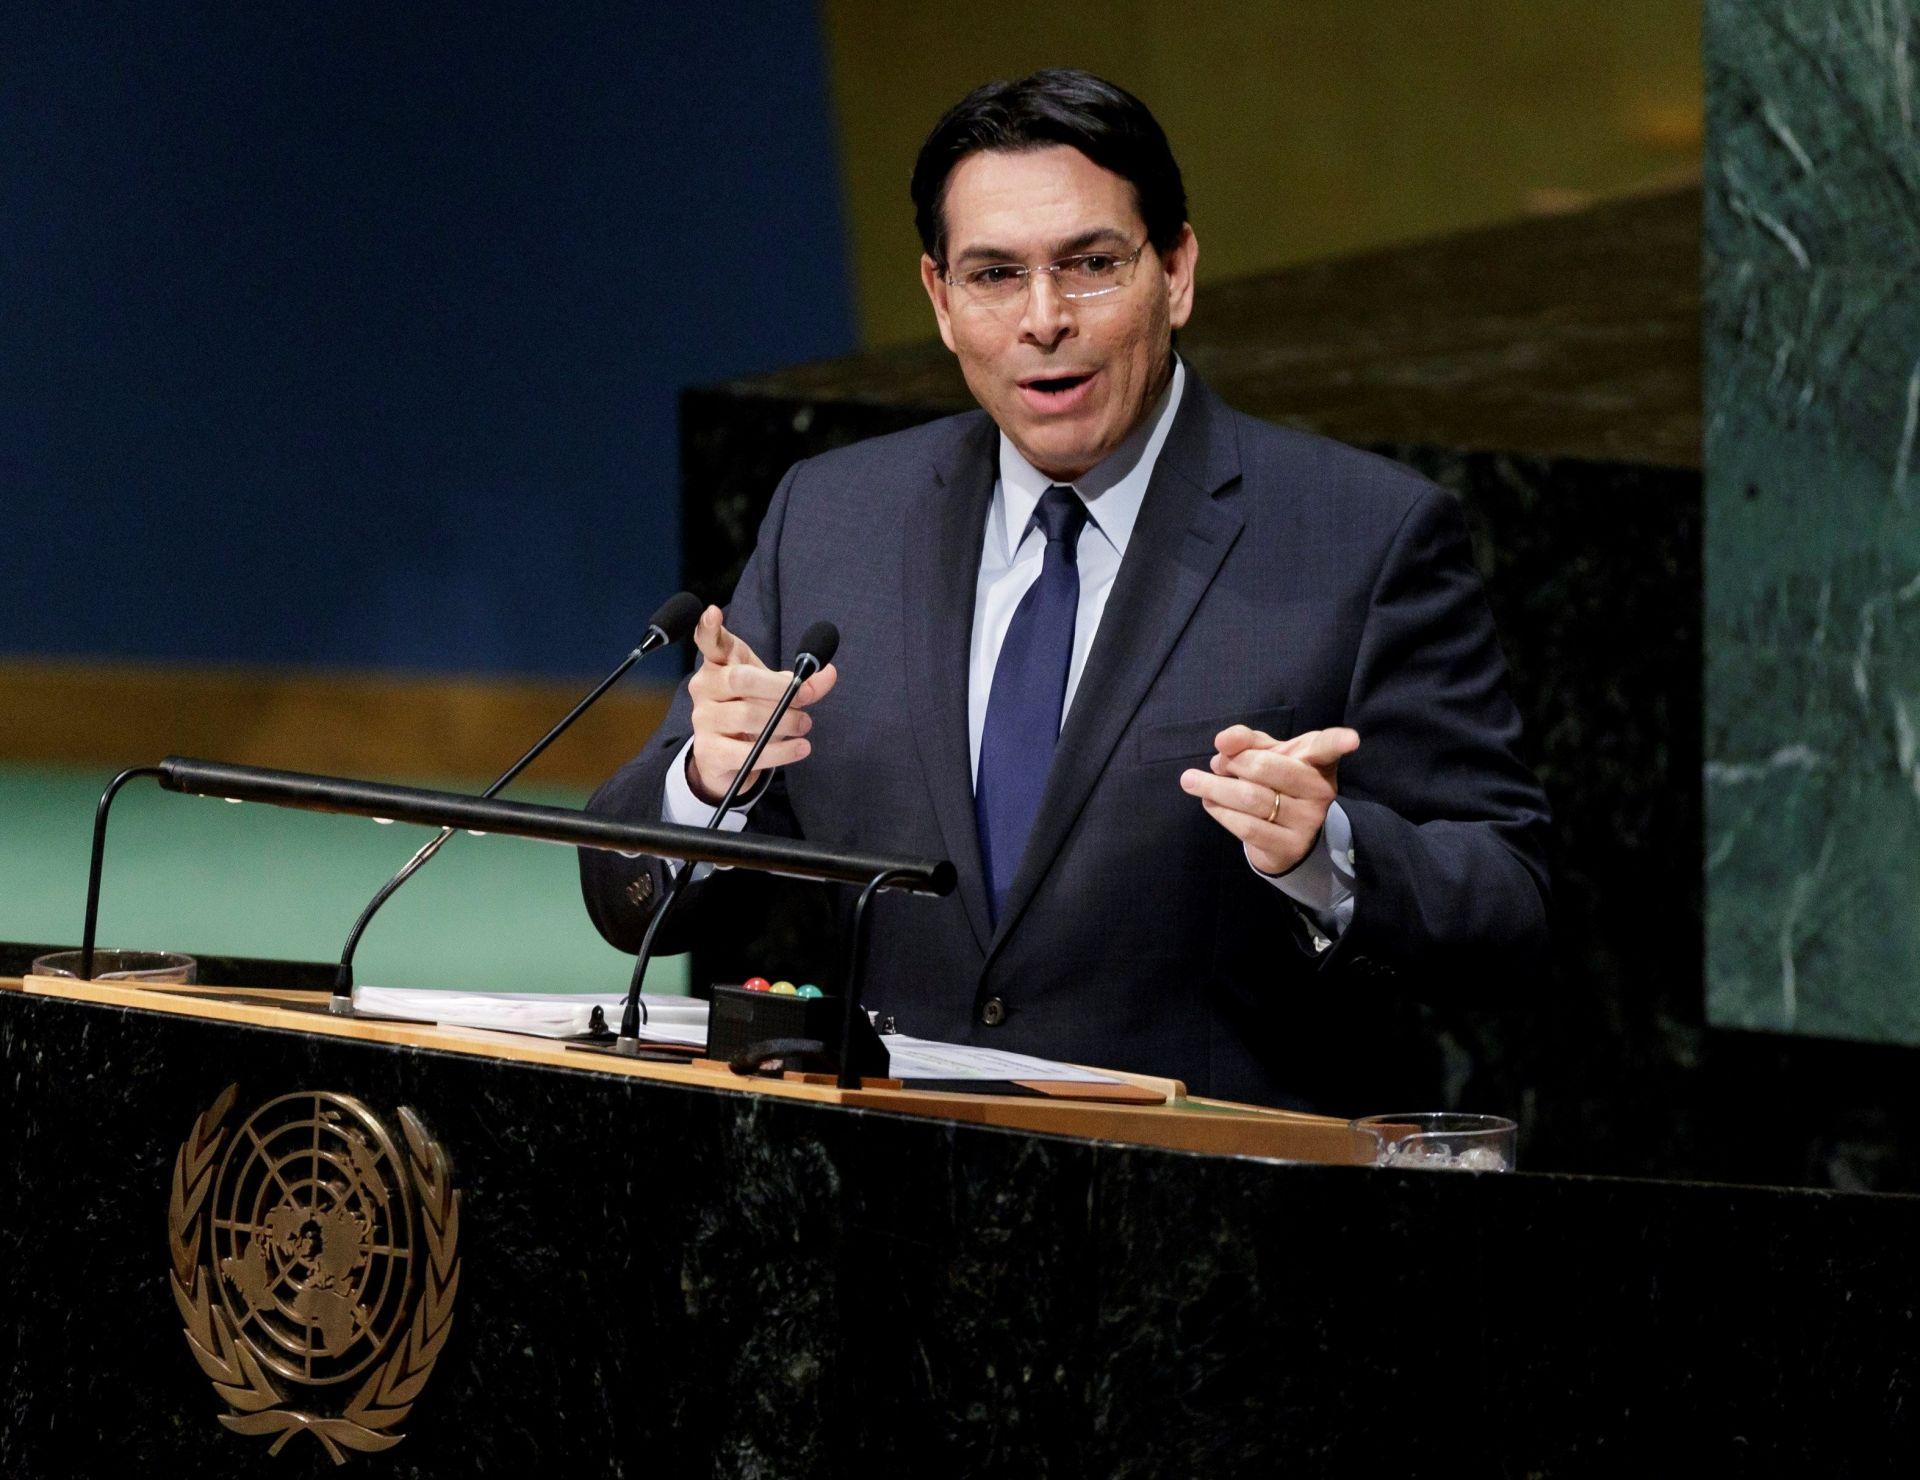 El embajador israelí en la ONU, Danny Danon, interviene antes la votación de una resolución crítica en la Asamblea General de la ONU, en la sede de las Naciones Unidas en Nueva York (Estados Unidos) hoy, 21 de diciembre de 2017